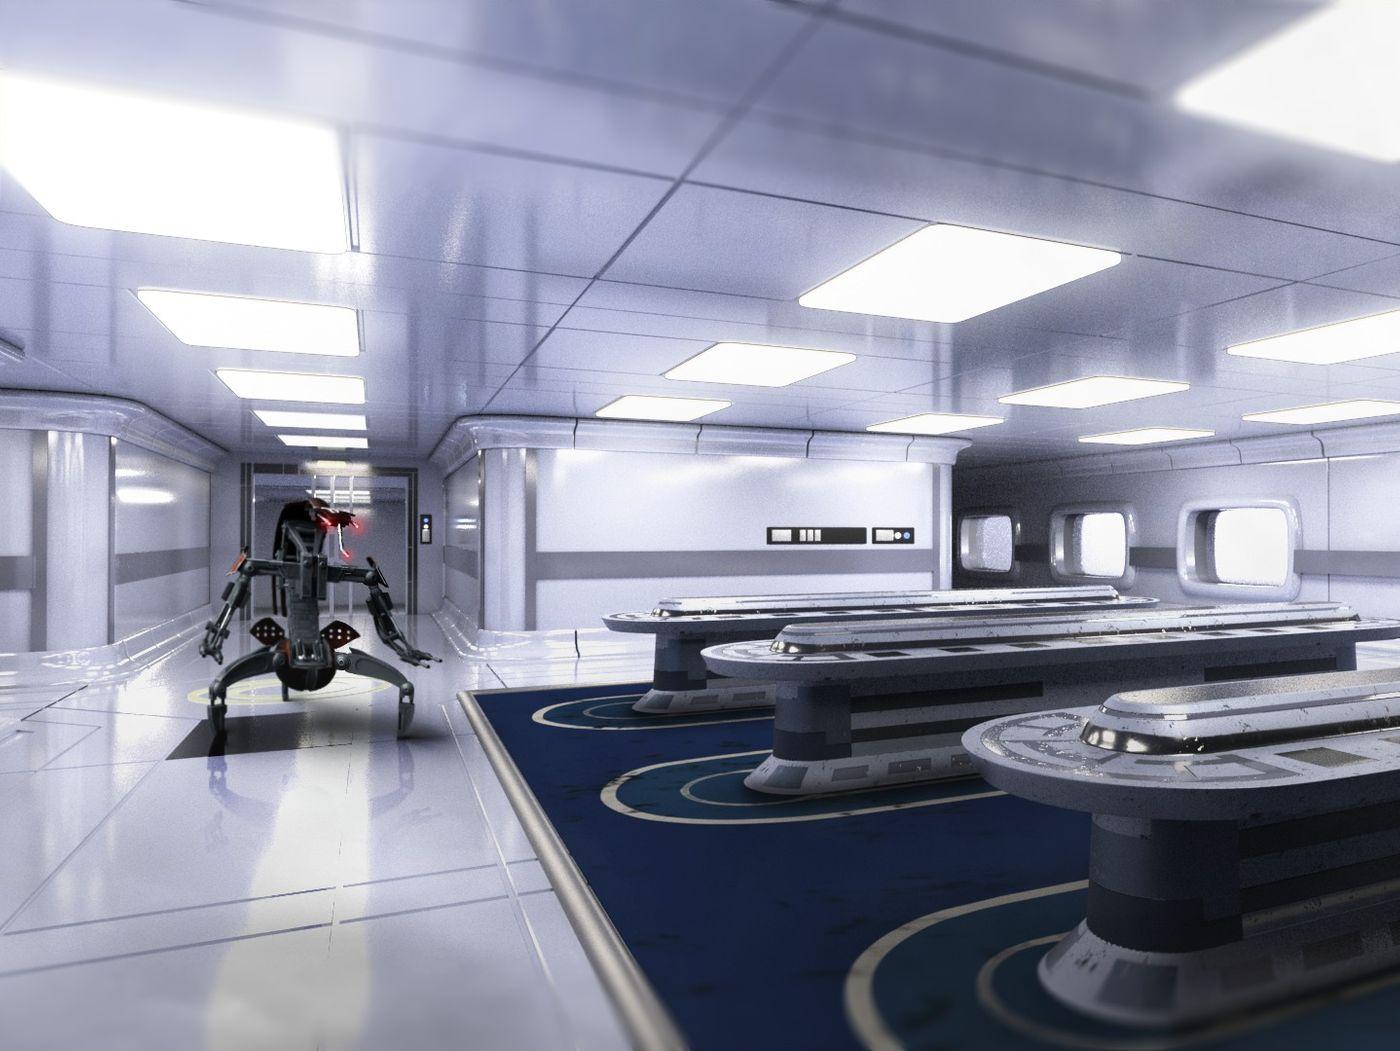 Star Wars Droideka in a Kamino Environment